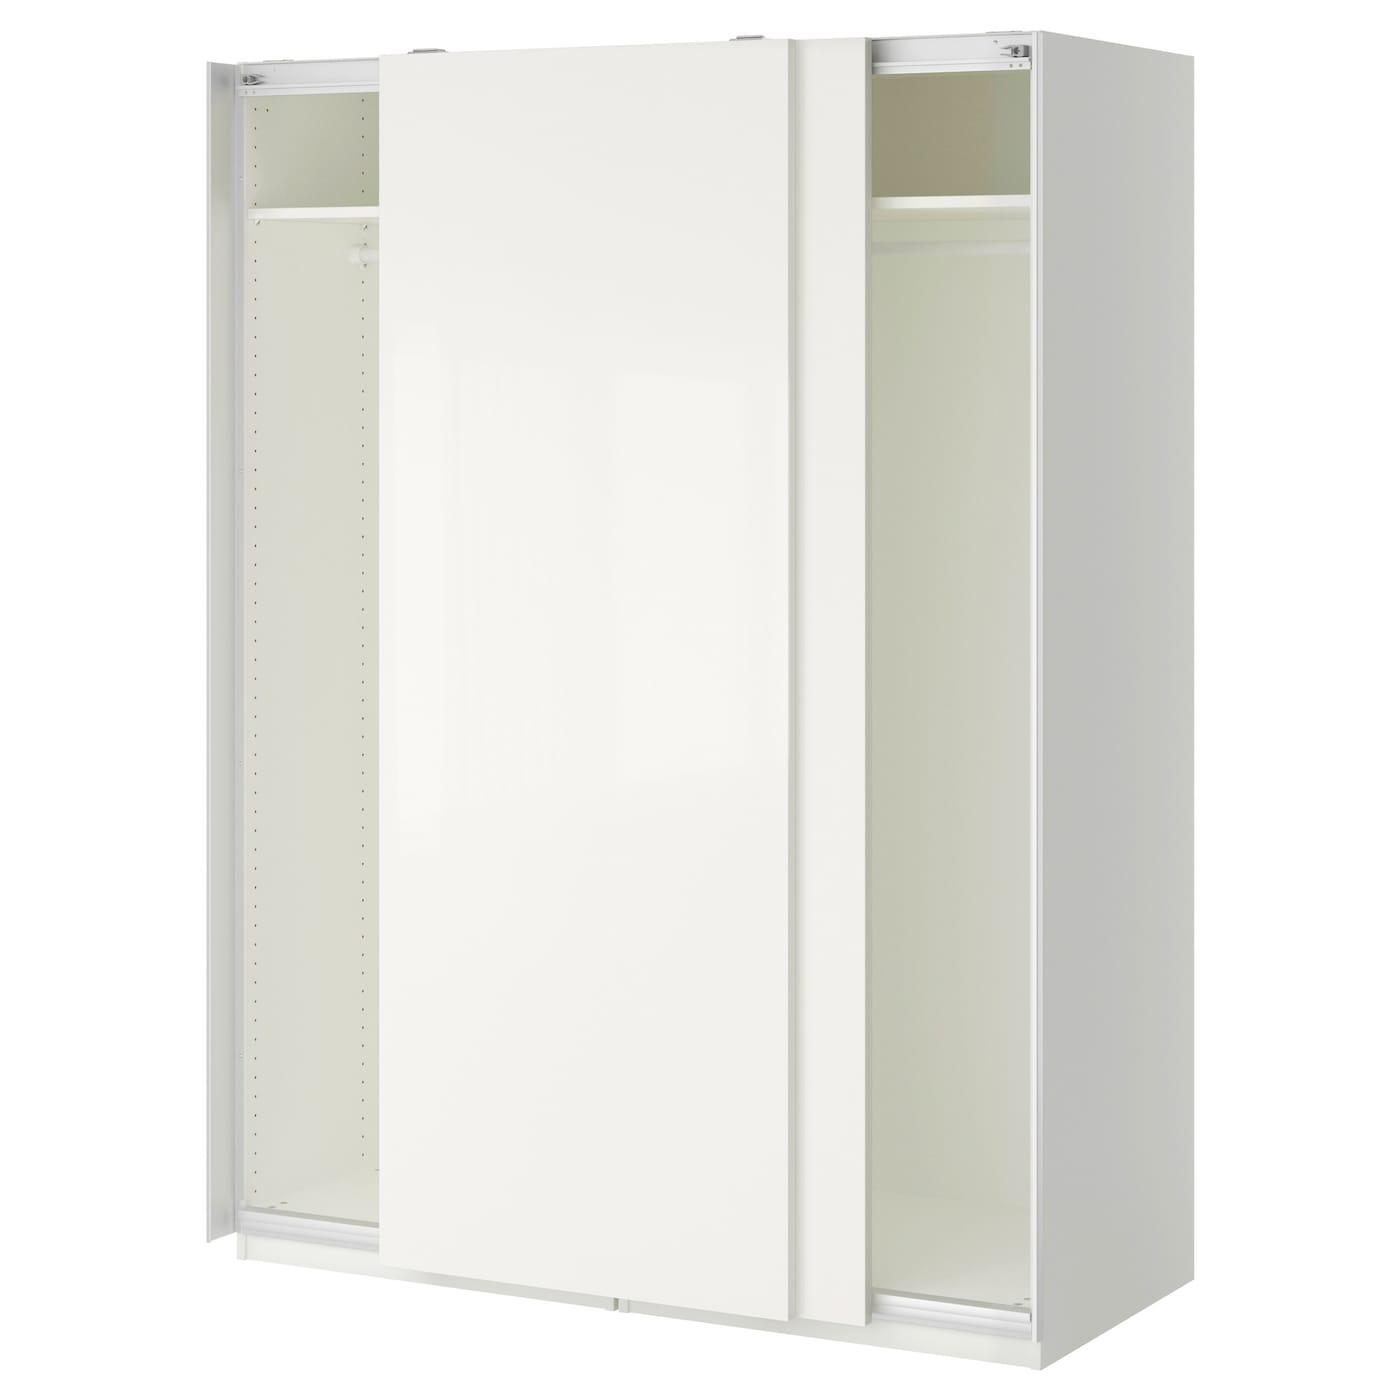 Marvelous IKEA PAX Armario 10 Años De Garantía. Consulta Las Condiciones Generales En  El Folleto De